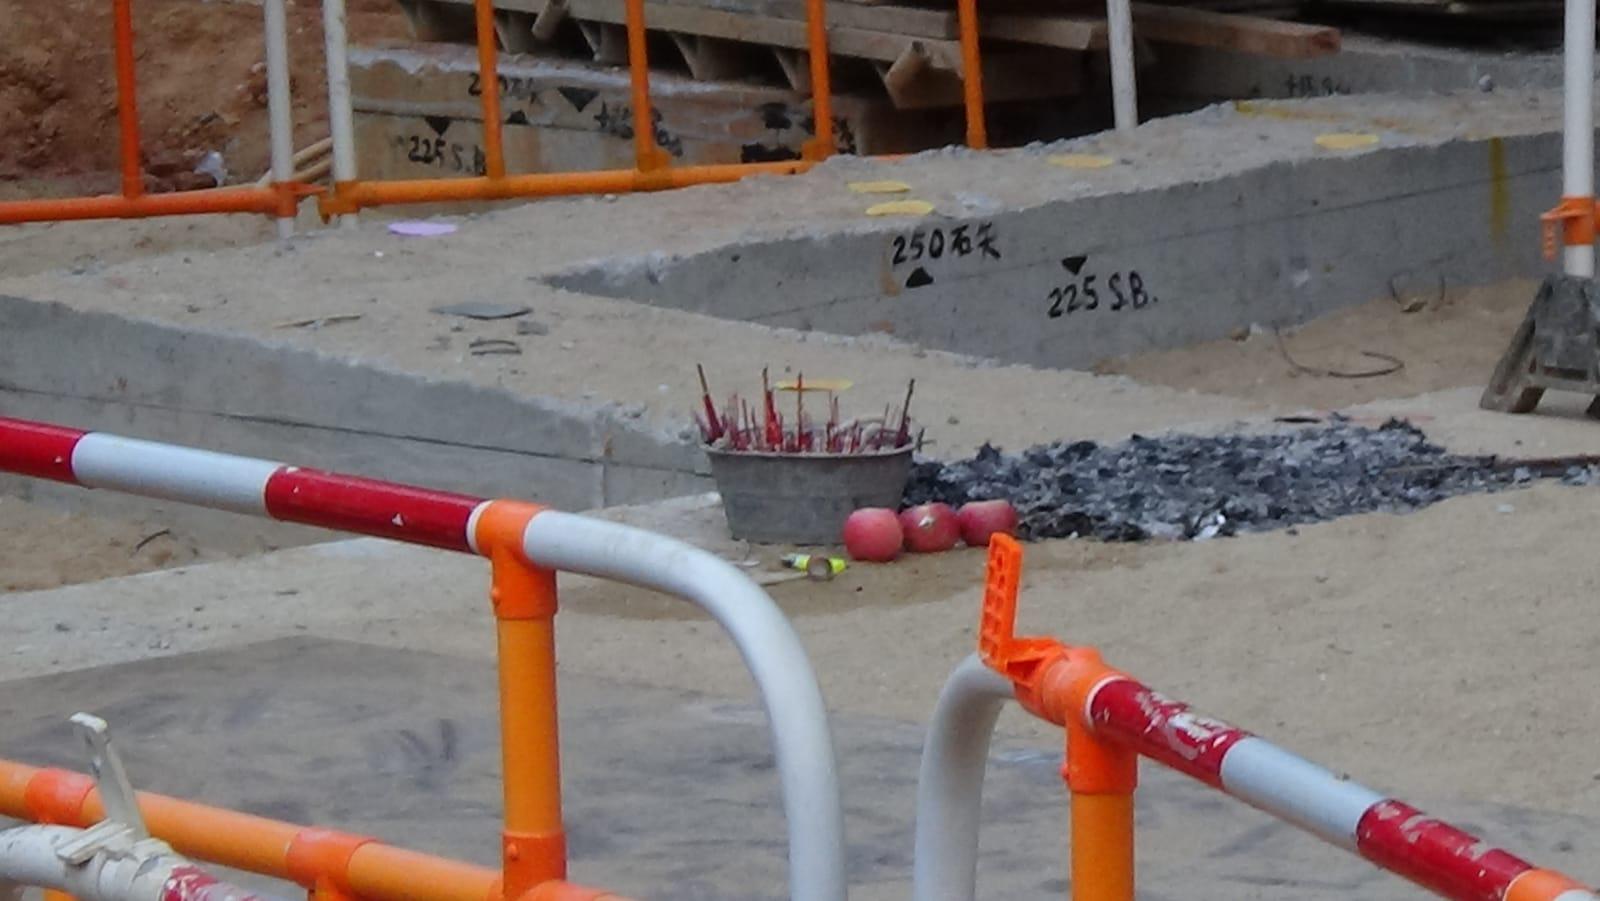 屯門地盤發生工業意外